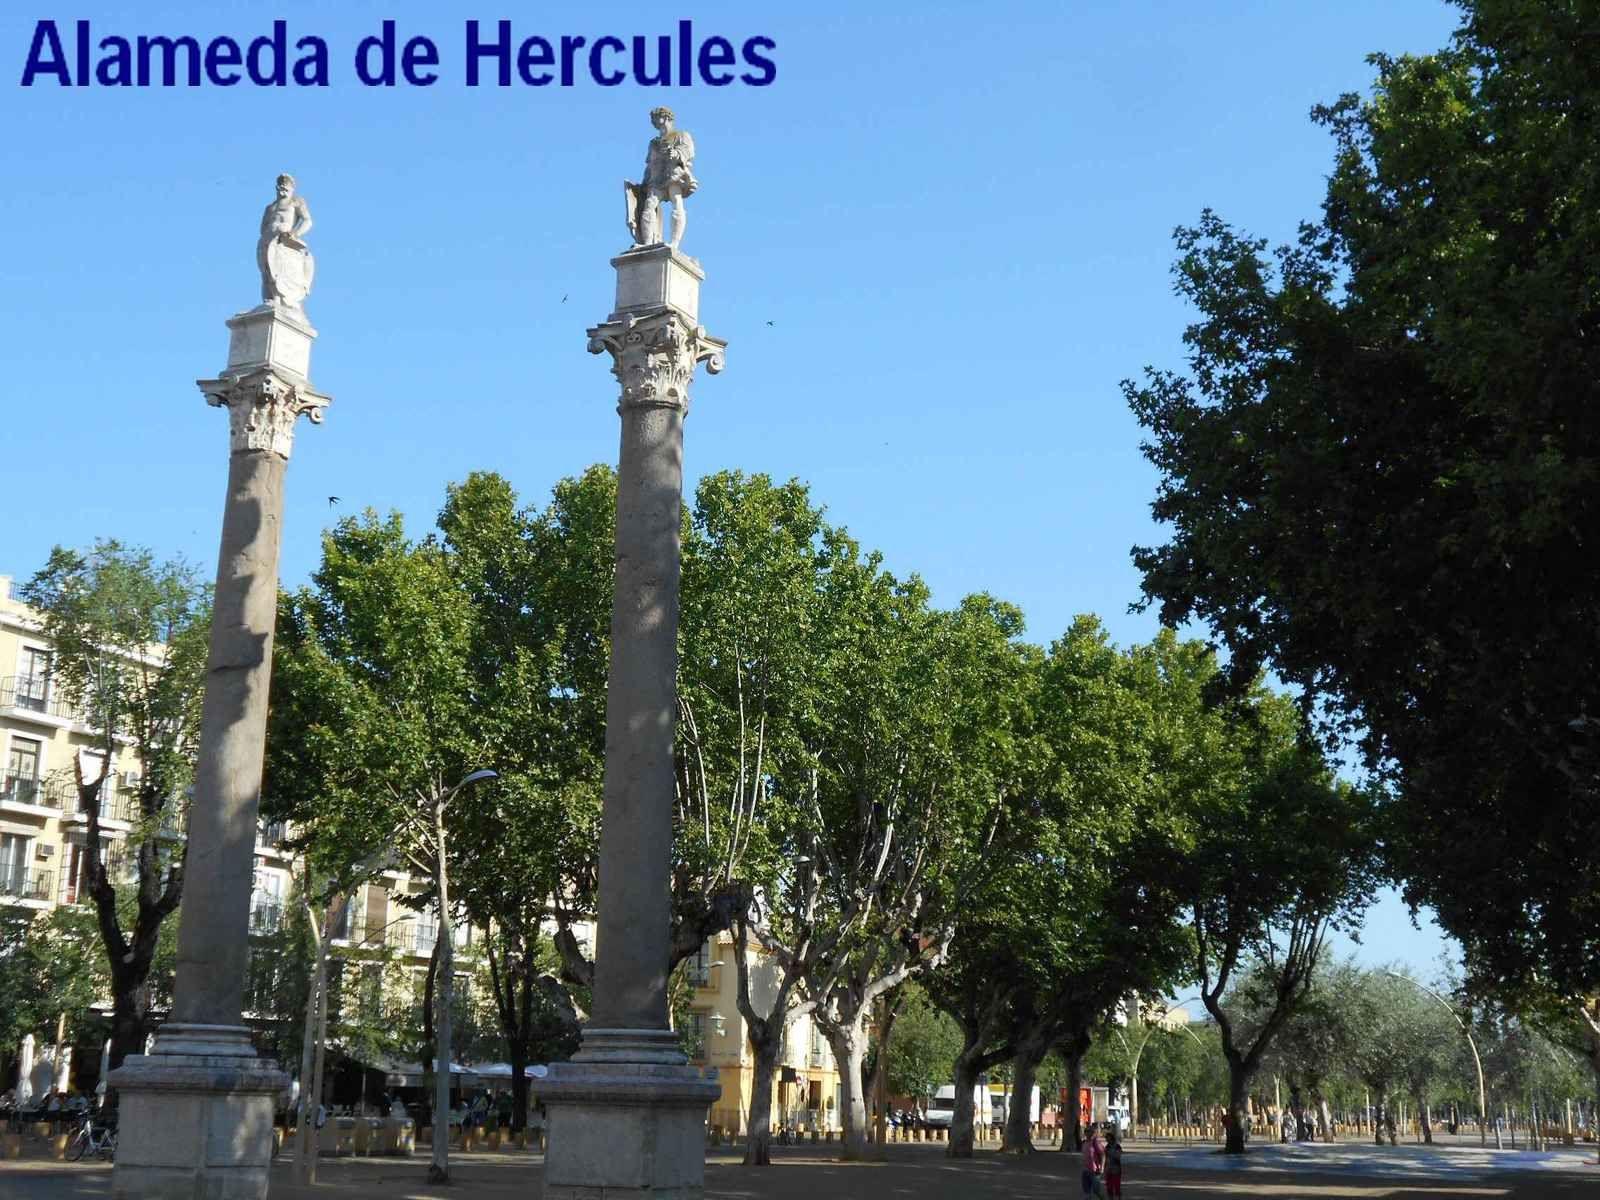 Balade richissime à la découverte de quelques monuments précieux de Séville dont certains « valent le voyage »